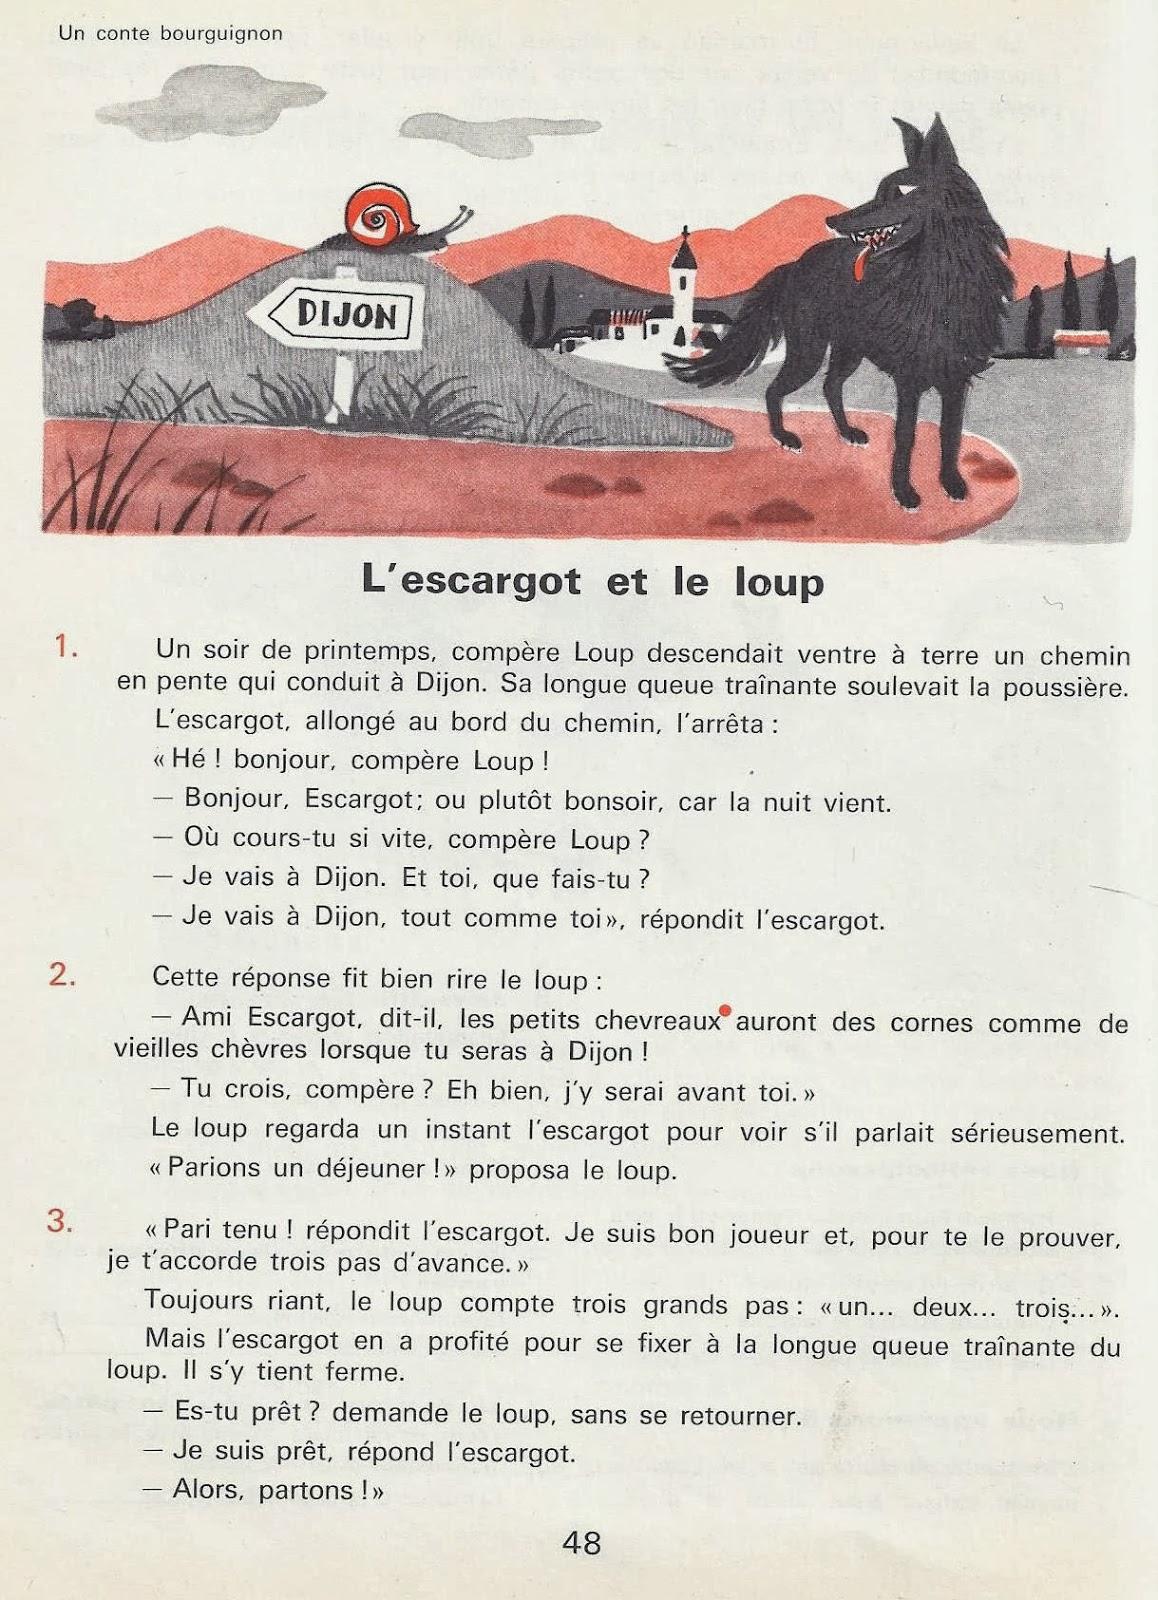 L 39 escargot et le loup conte bourguignon litt rature au - Dessin du lievre et de la tortue ...